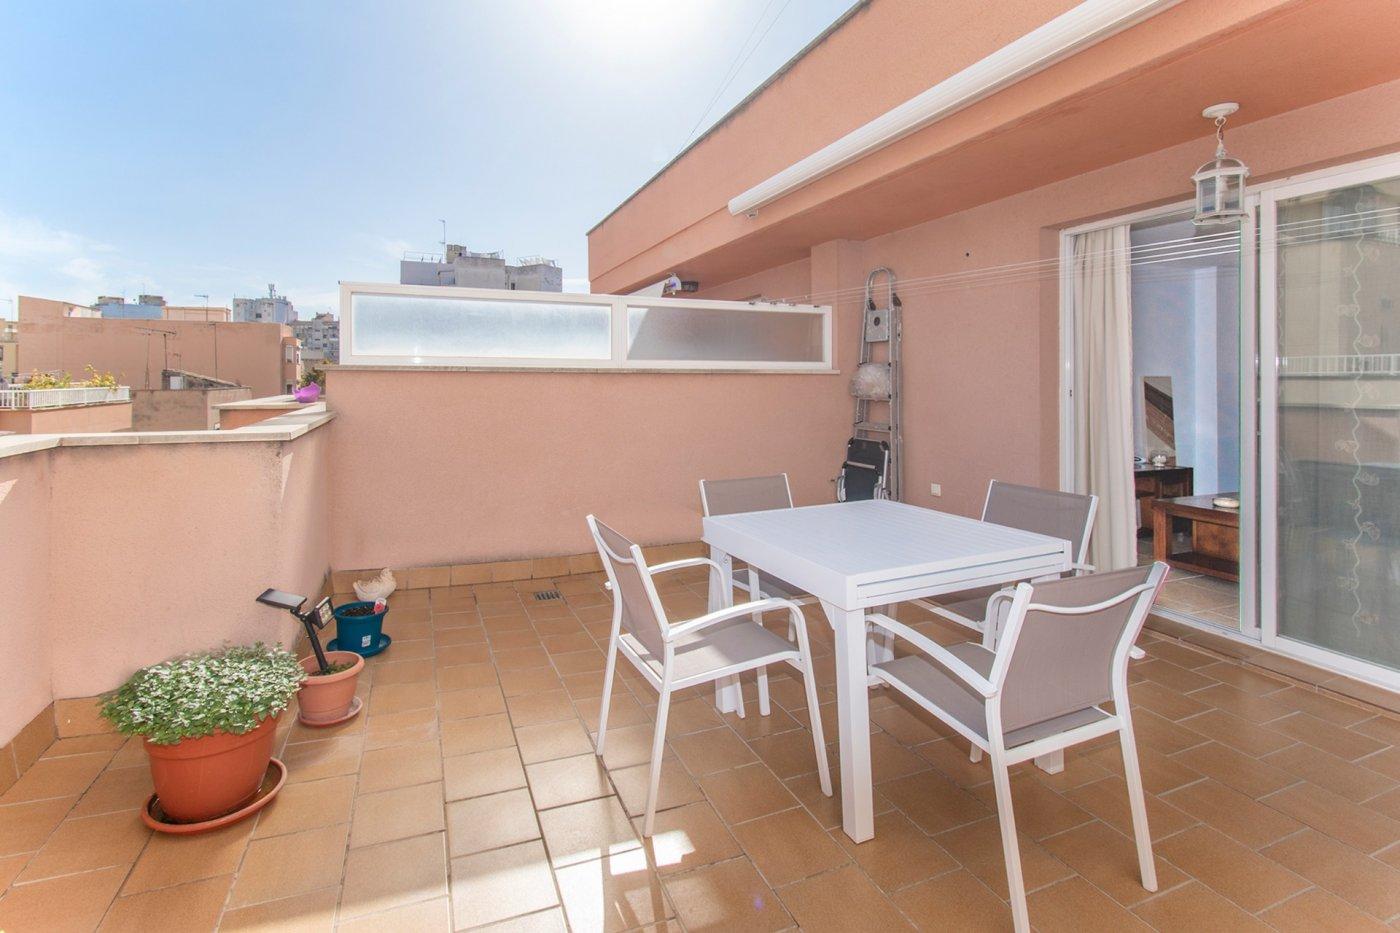 Ático-dÚplex de 3 habitaciones con terraza en planta en pedro garau (parking opcional) - imagenInmueble2